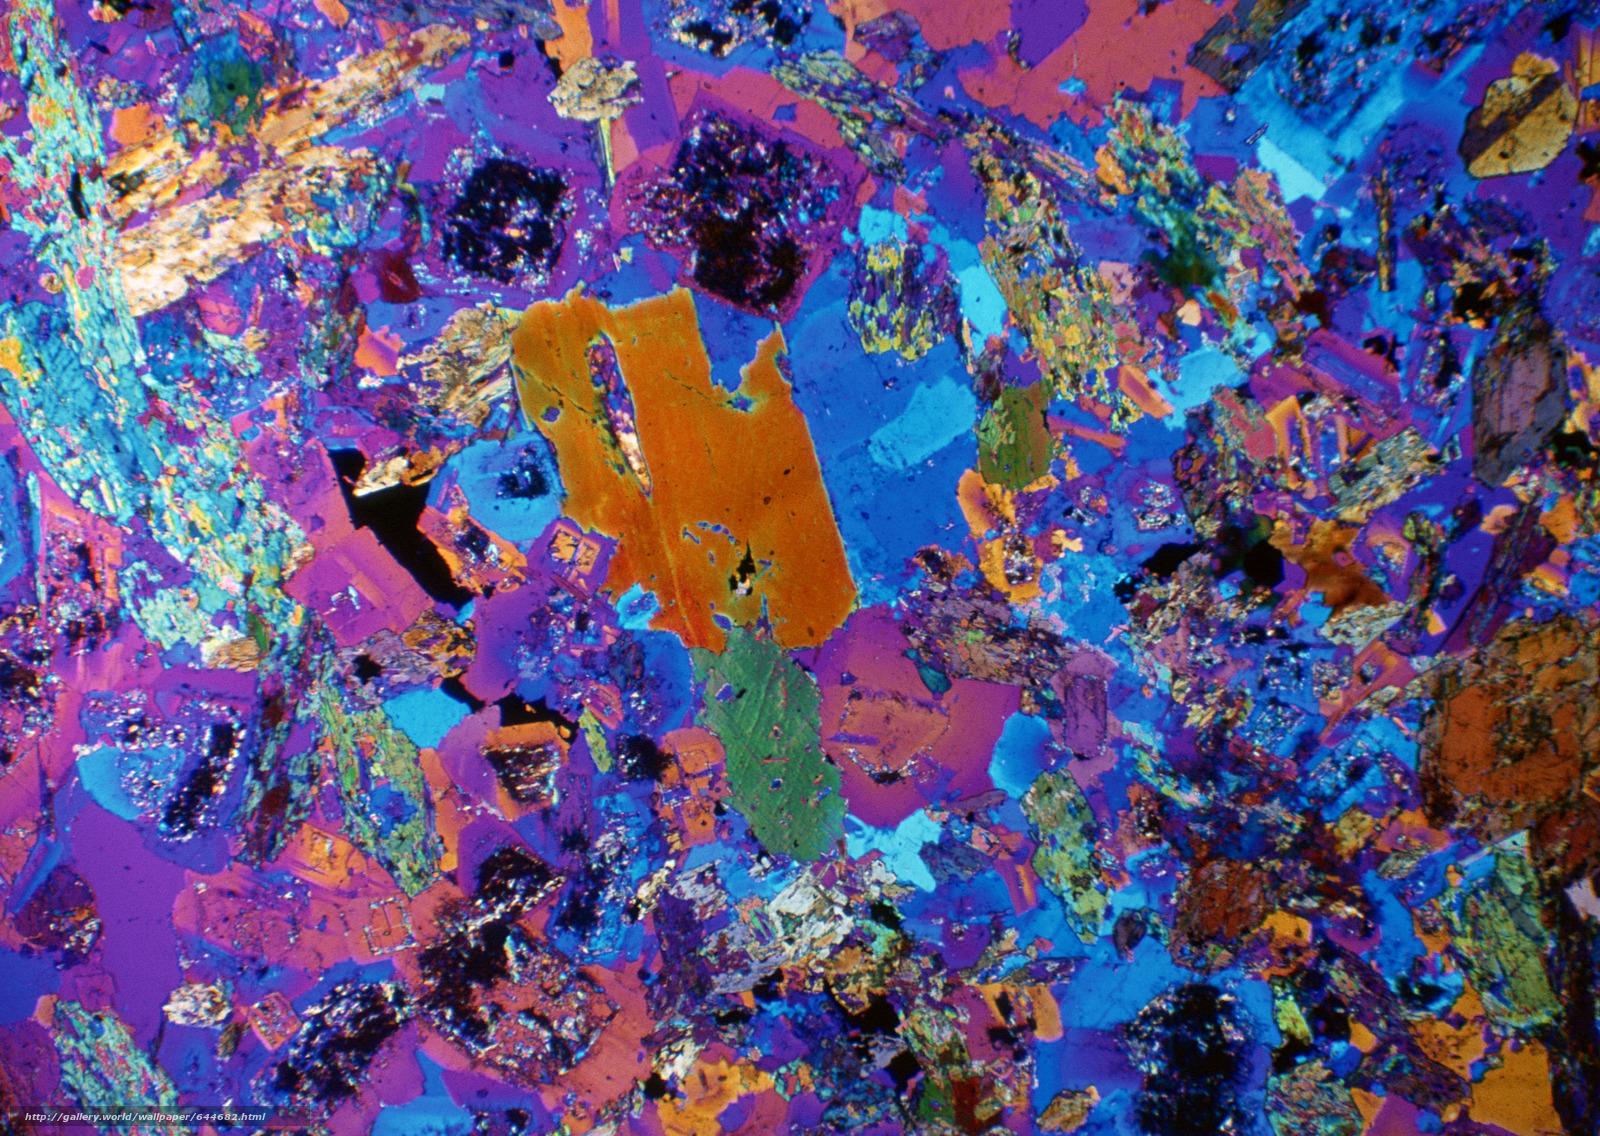 Скачать обои кристаллы под микроскопом,  кристалл,  микроскоп,  увеличение бесплатно для рабочего стола в разрешении 2950x2094 — картинка №644682